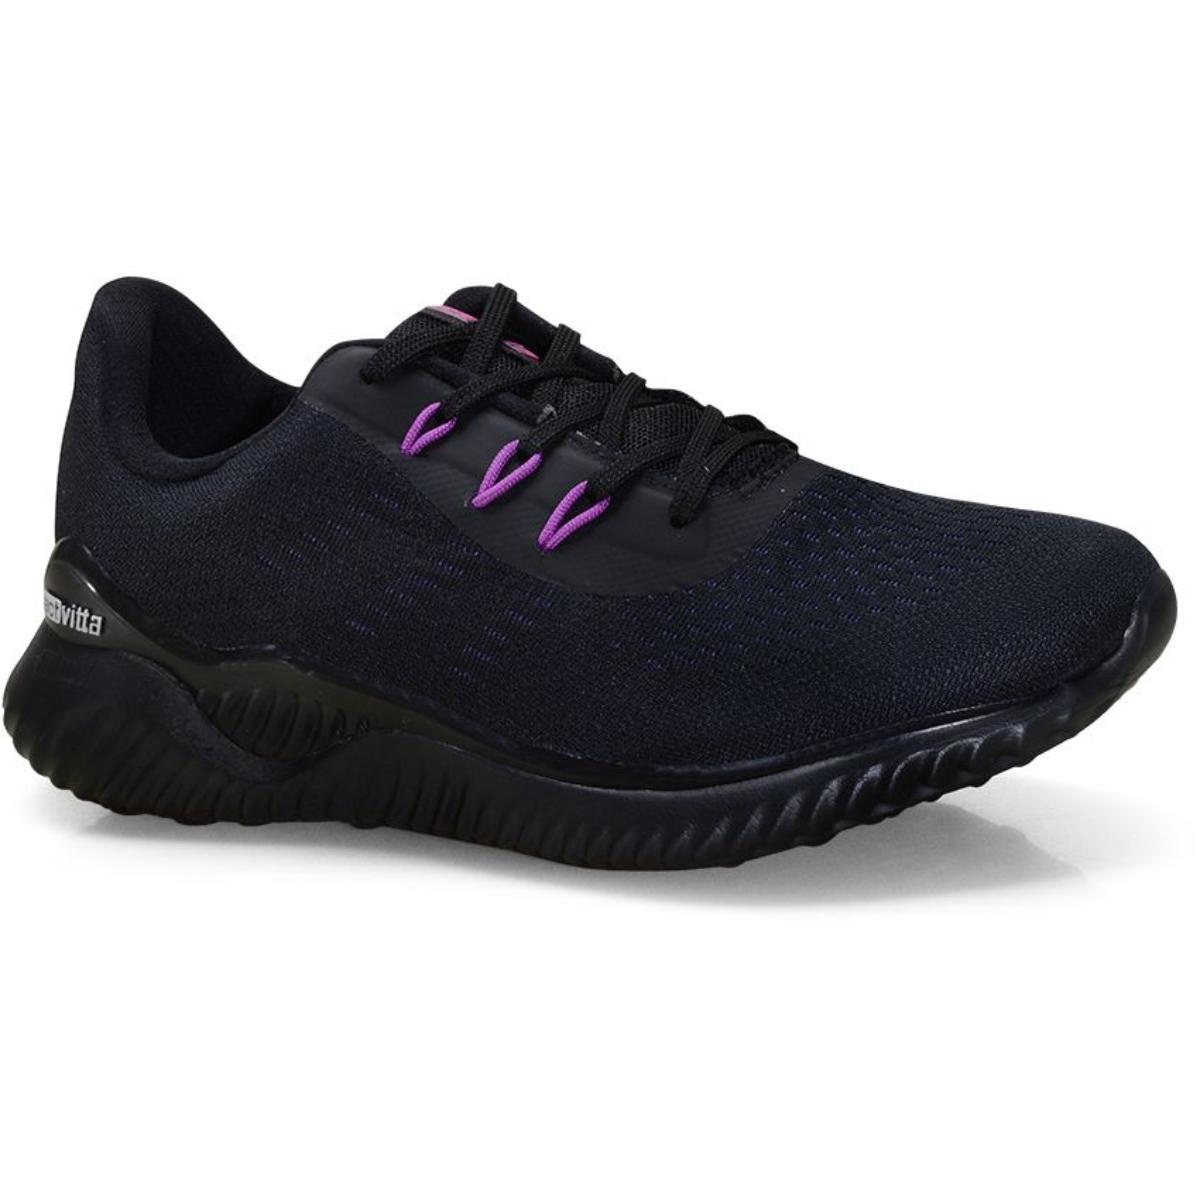 Tênis Feminino Actvitta 4802111 Preto/violeta